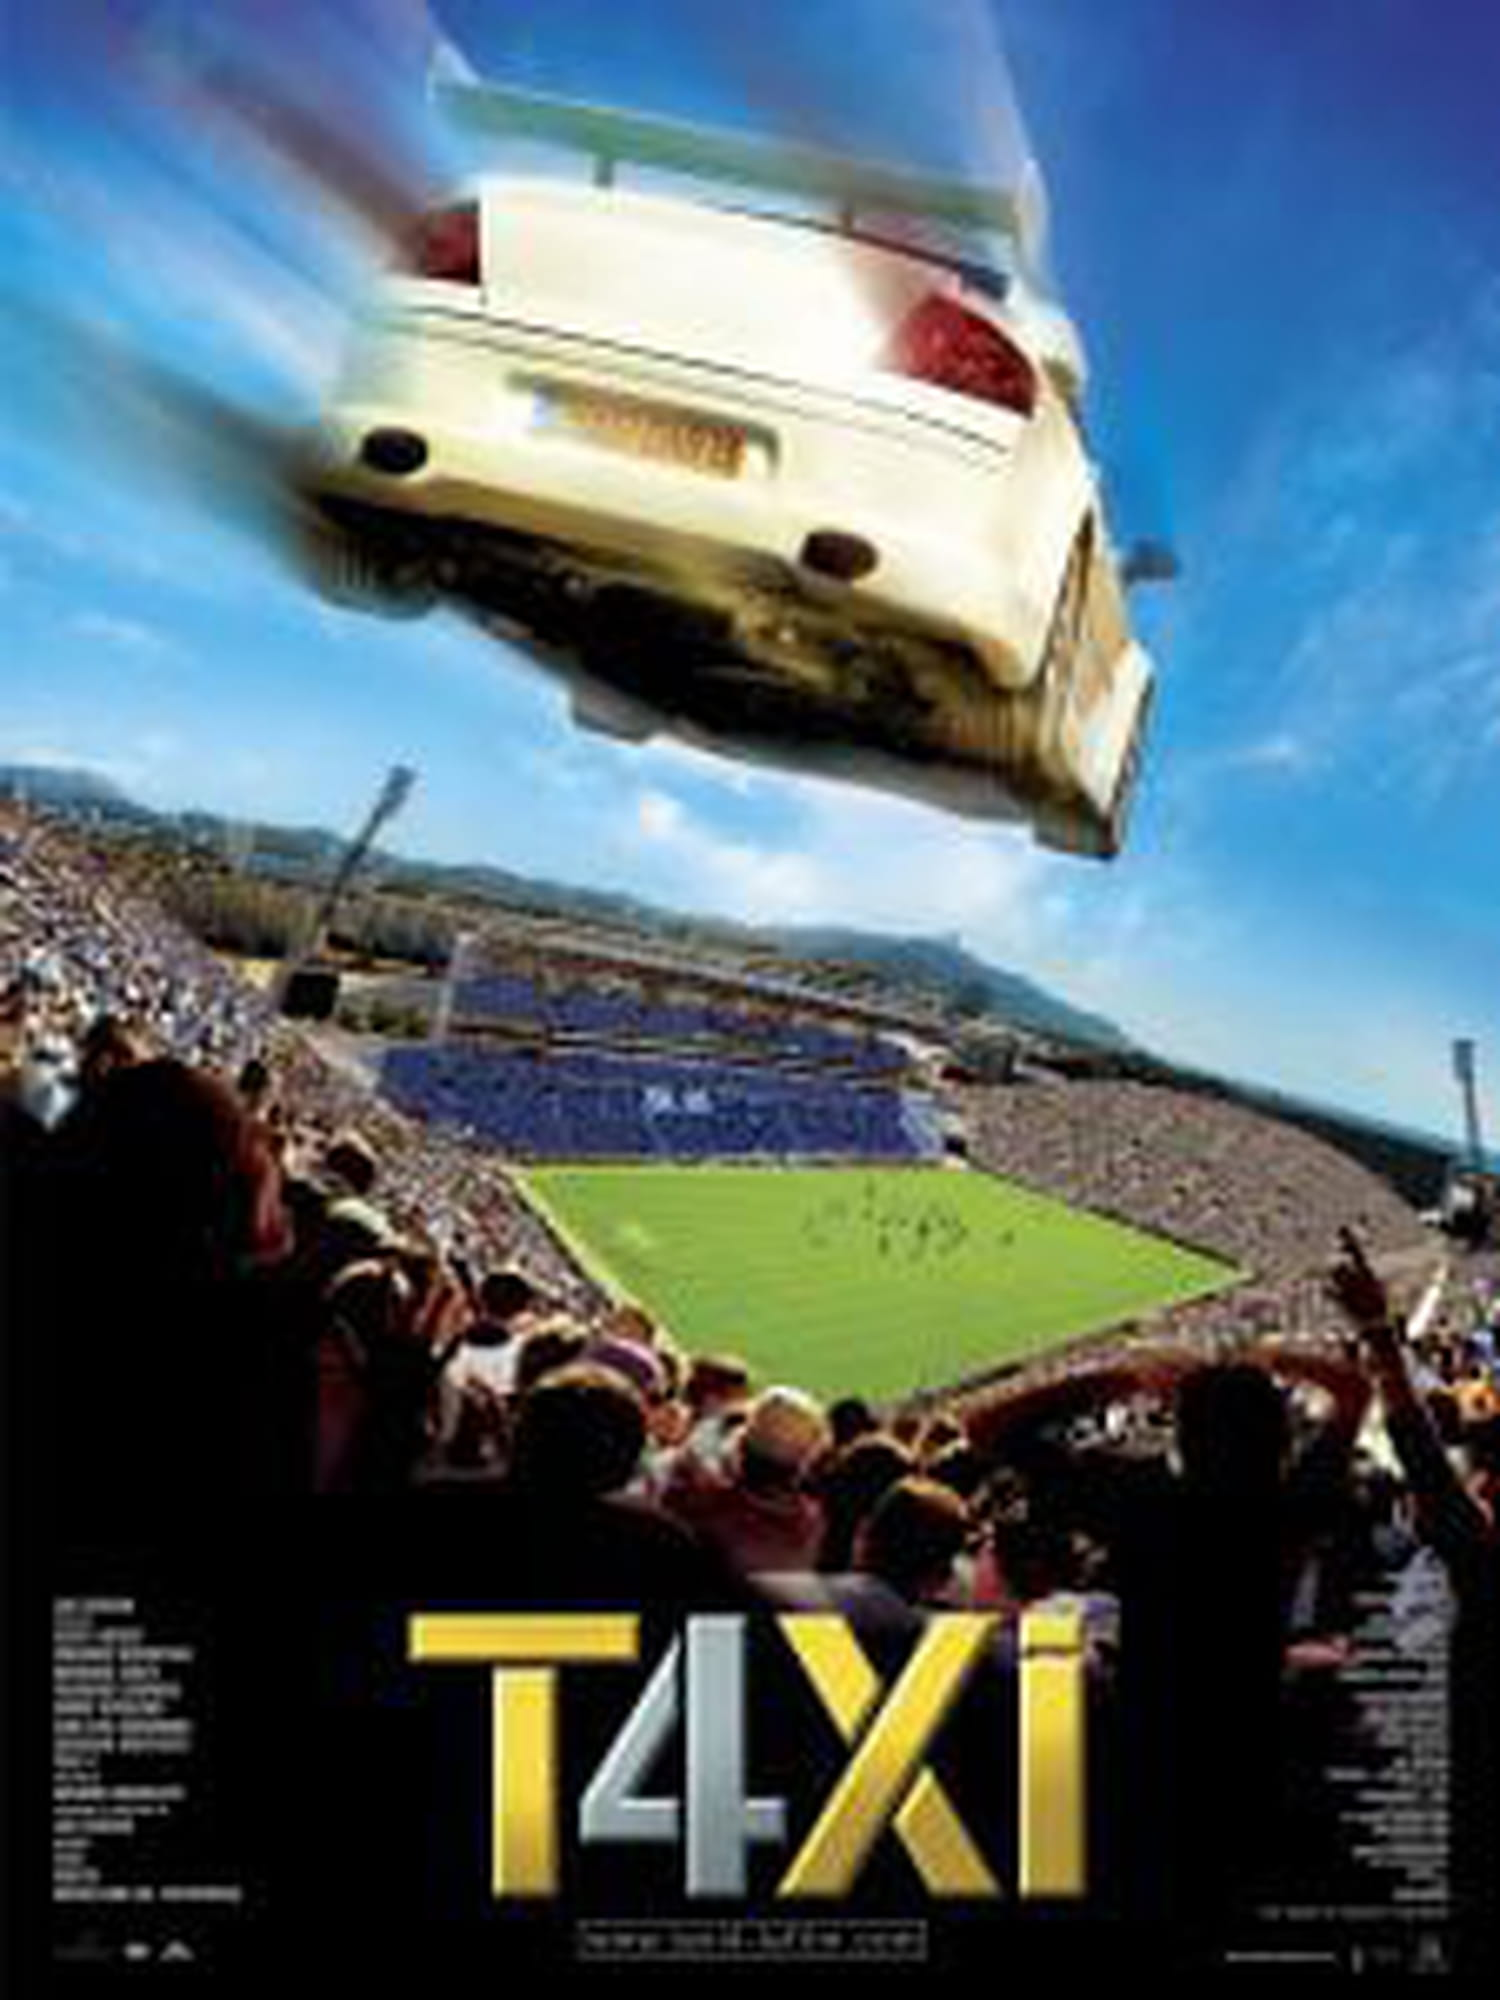 Taxi 32  bande annonce du film, séances, streaming, sortie, avis